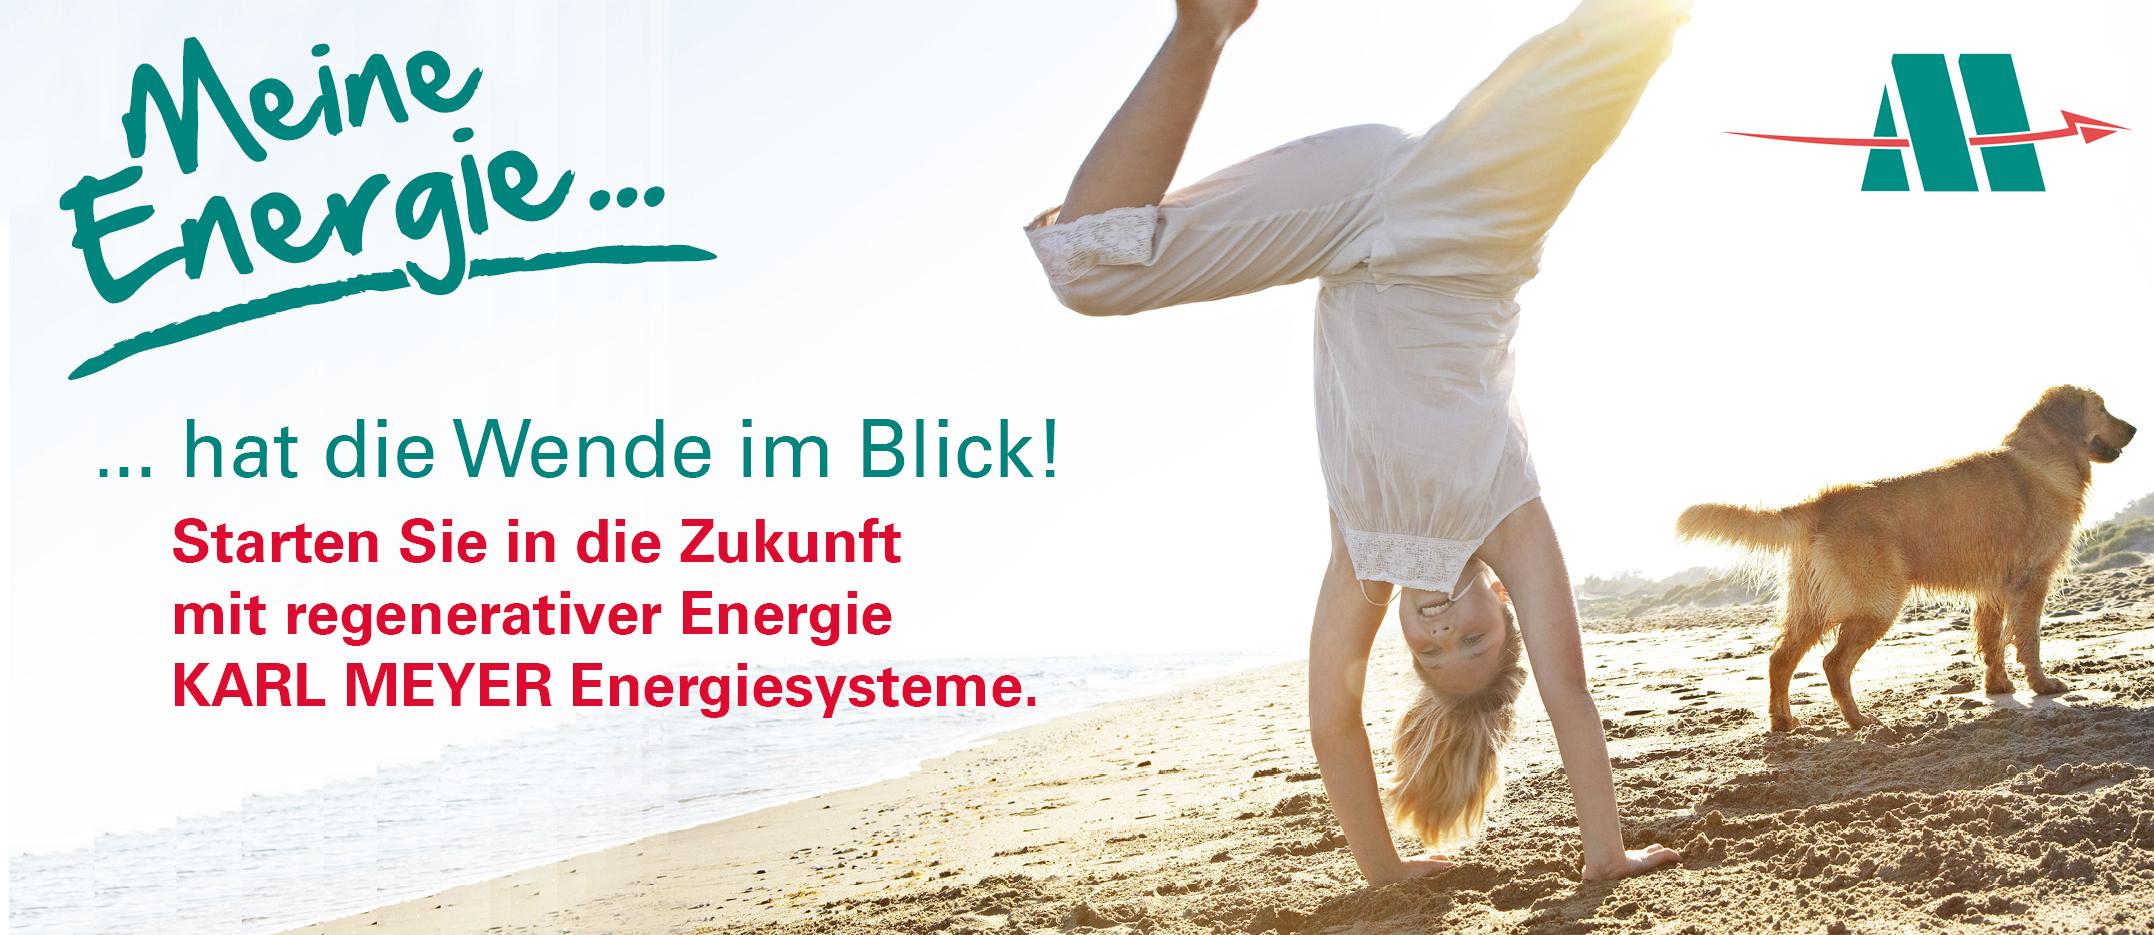 Karl Meyer Energiesysteme: Unser Konzept